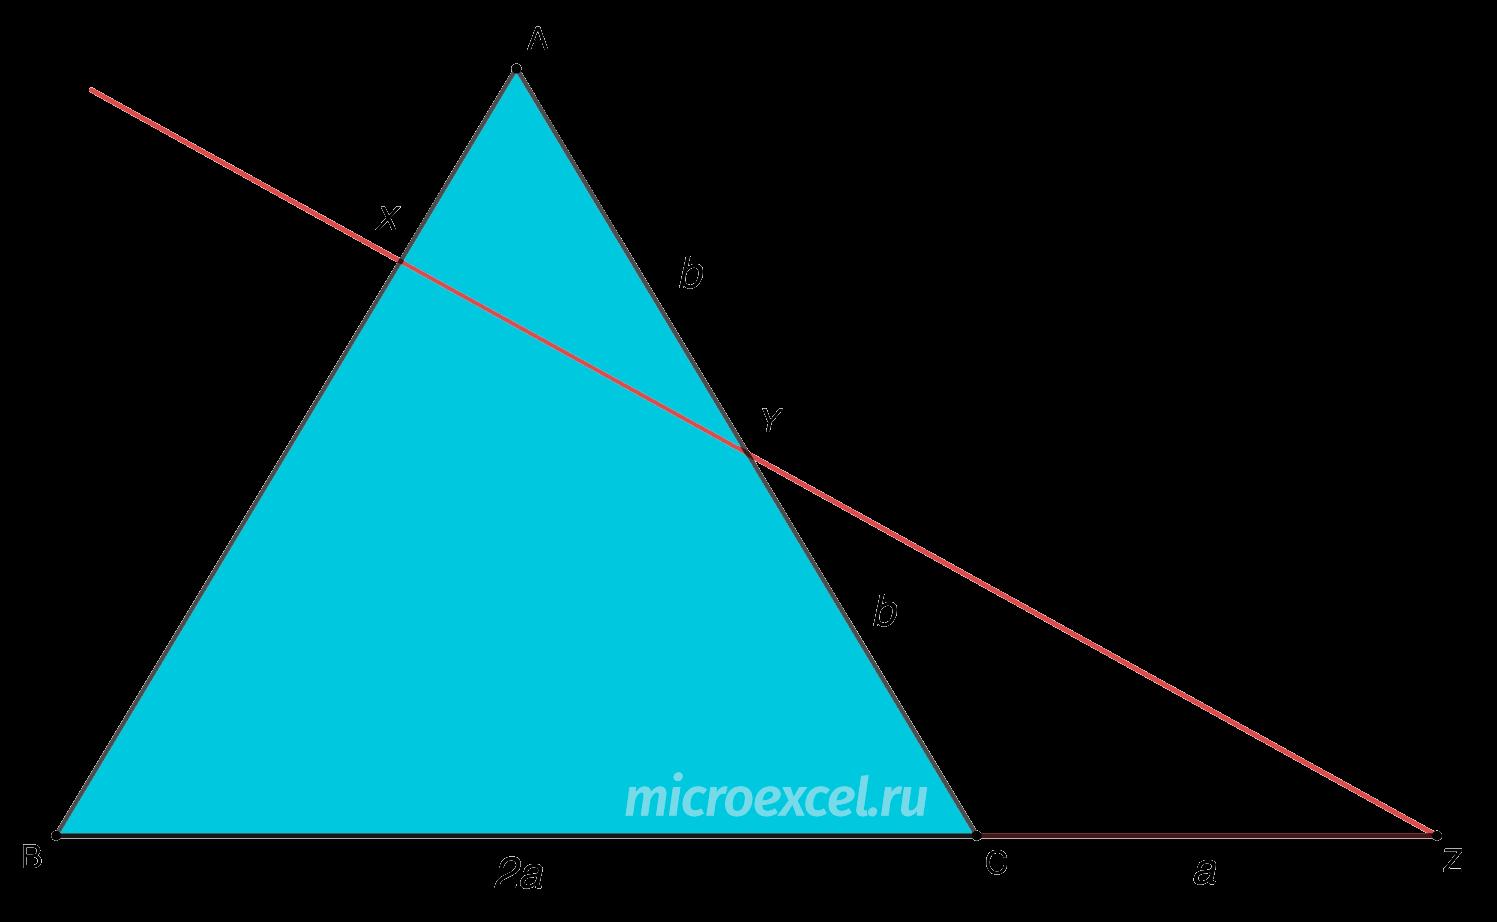 Теорема Менелая для треугольника